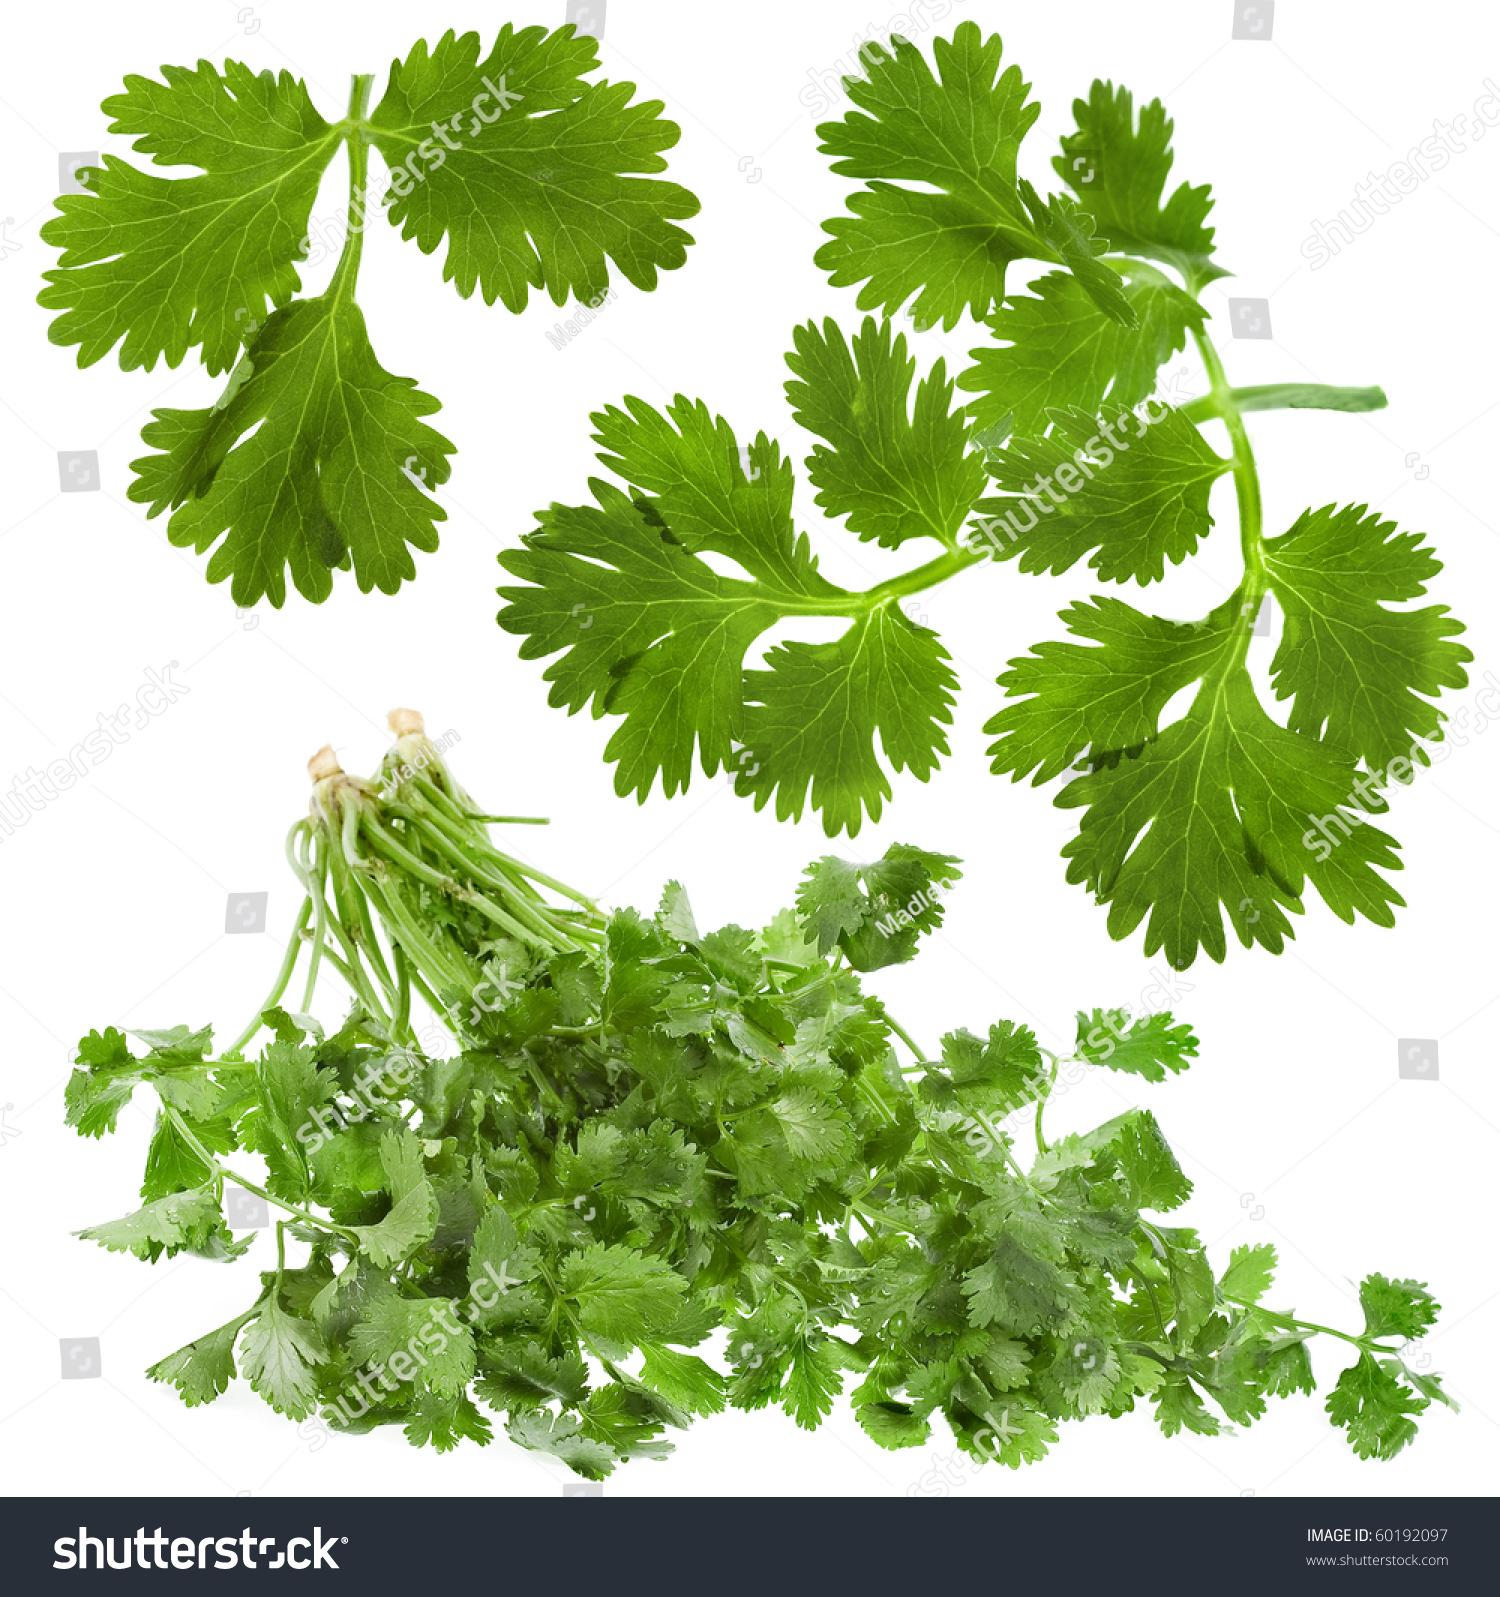 背景 壁纸 绿色 绿叶 树叶 植物 桌面 1500_1598